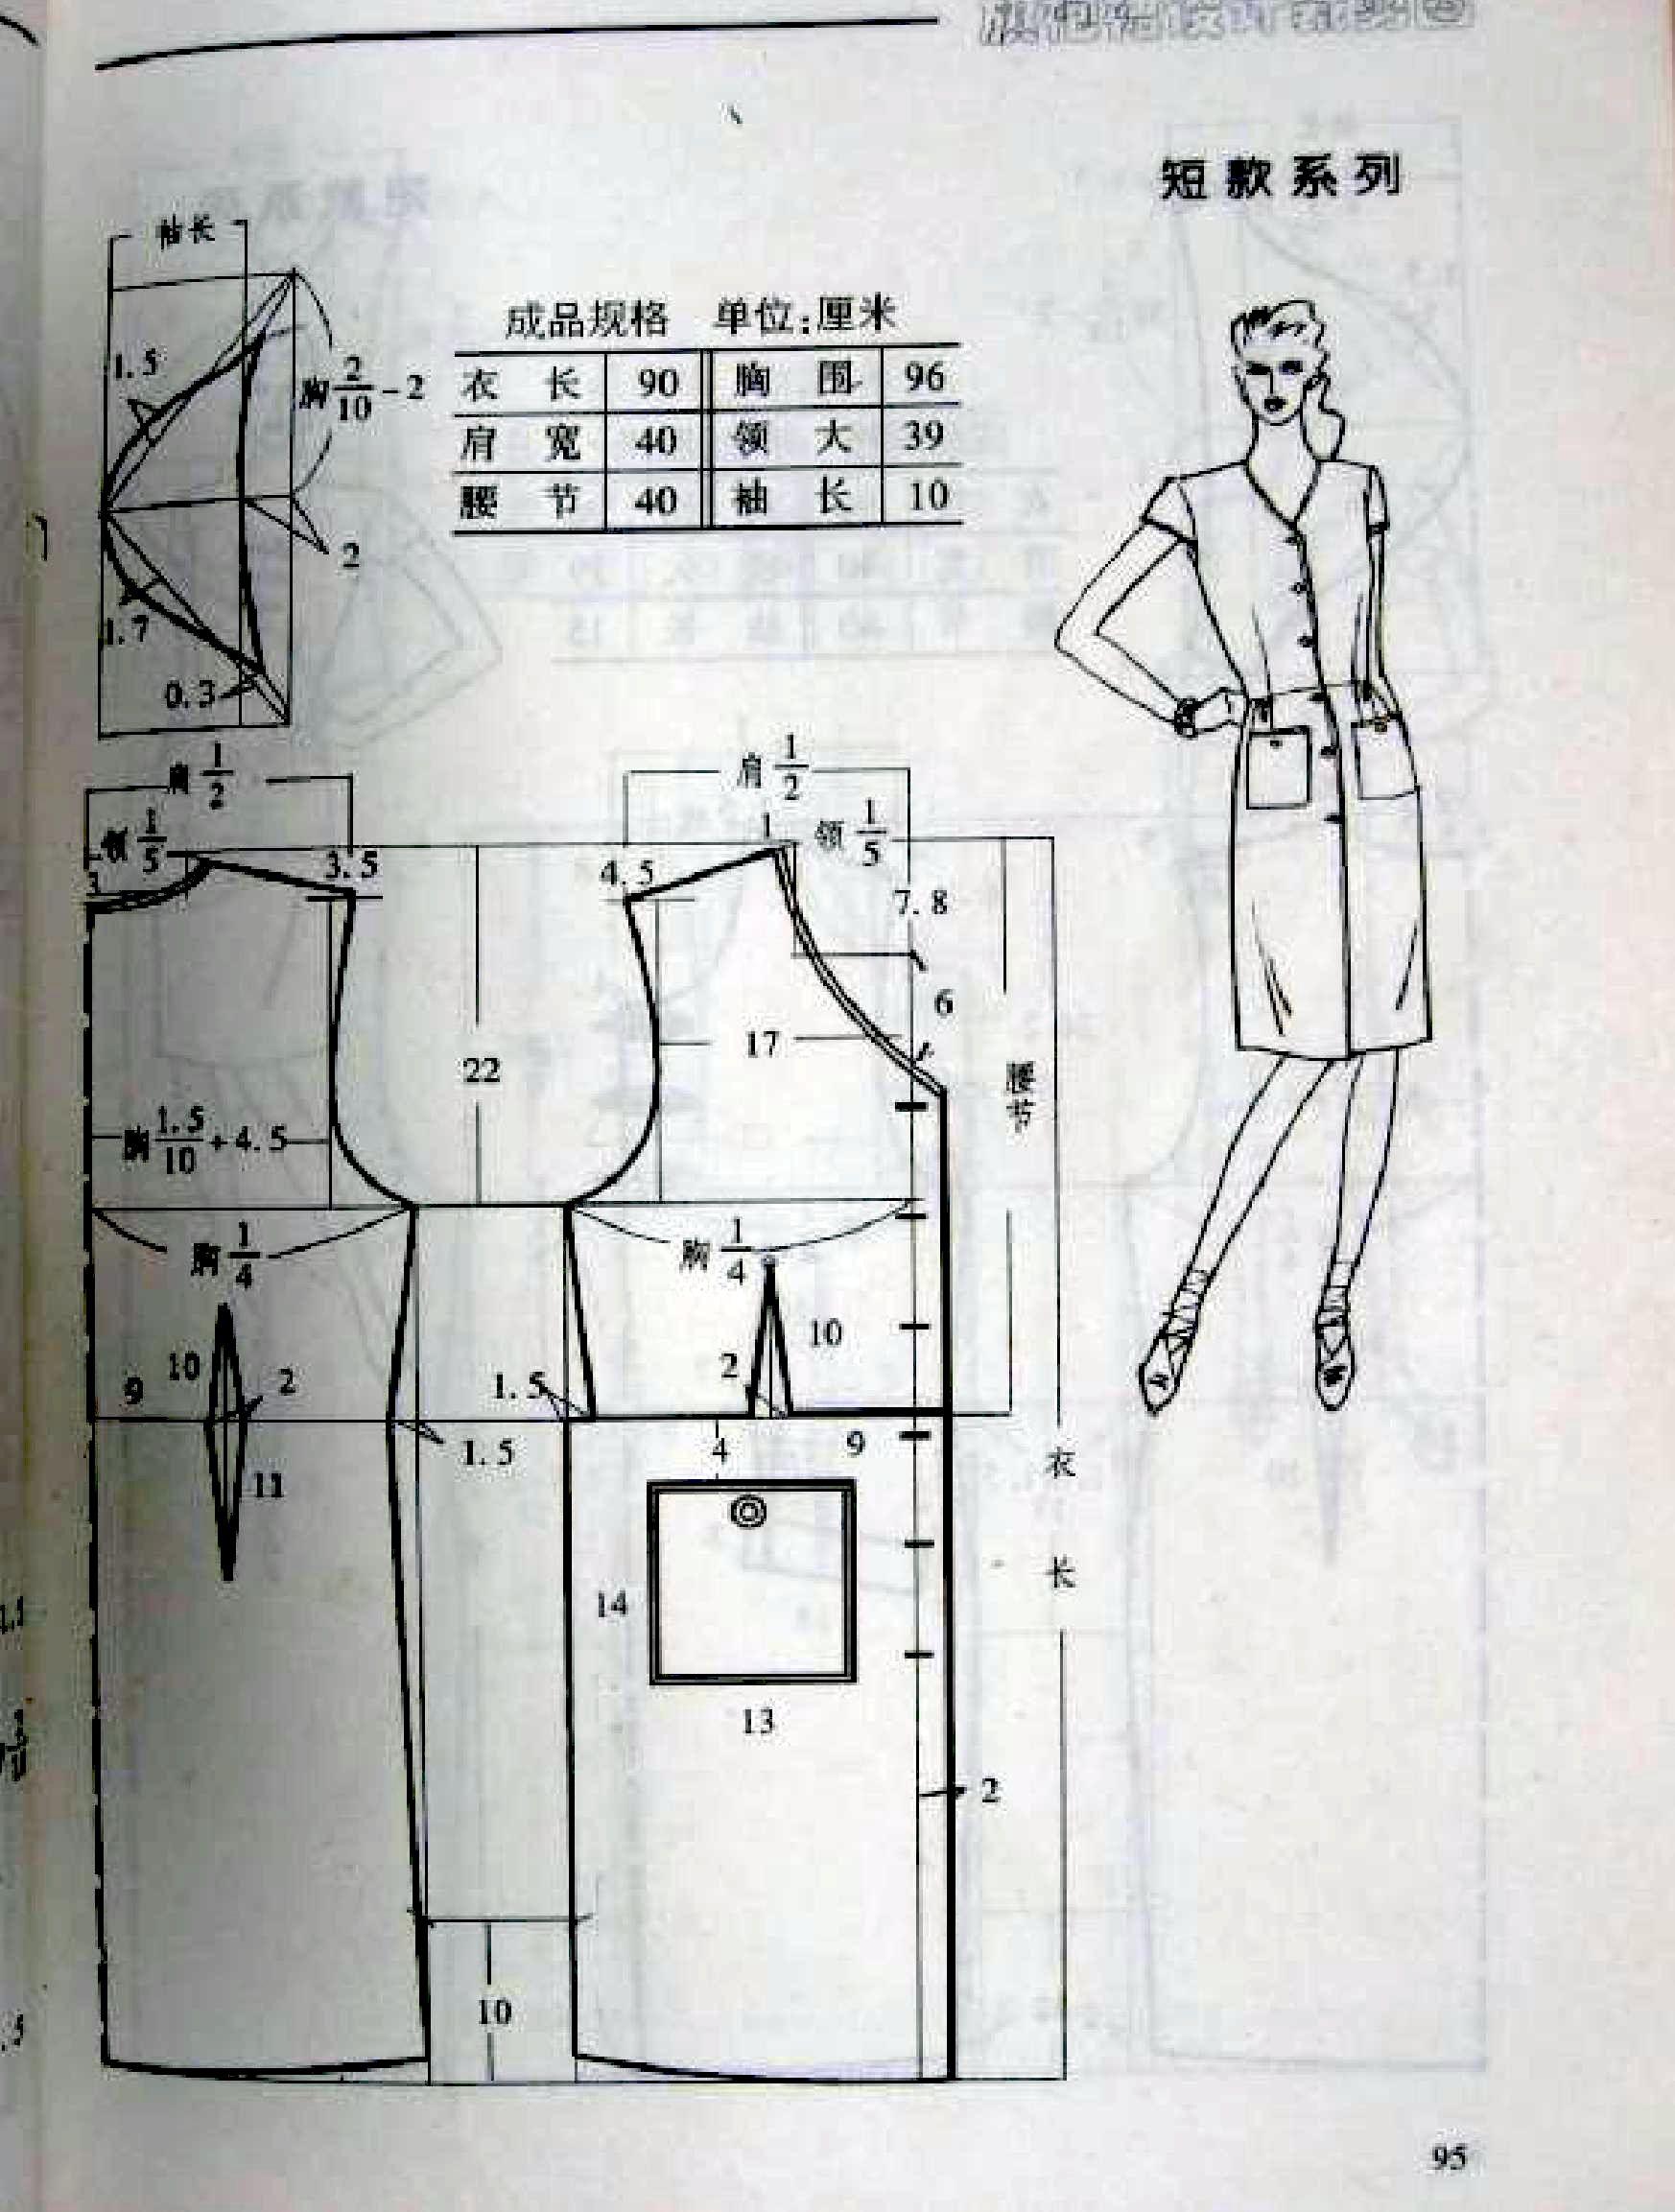 Cheongsam dress design and tailoring stitching sewing cheongsam dress design and tailoring tutorial sewingsewing diypattern jeuxipadfo Choice Image